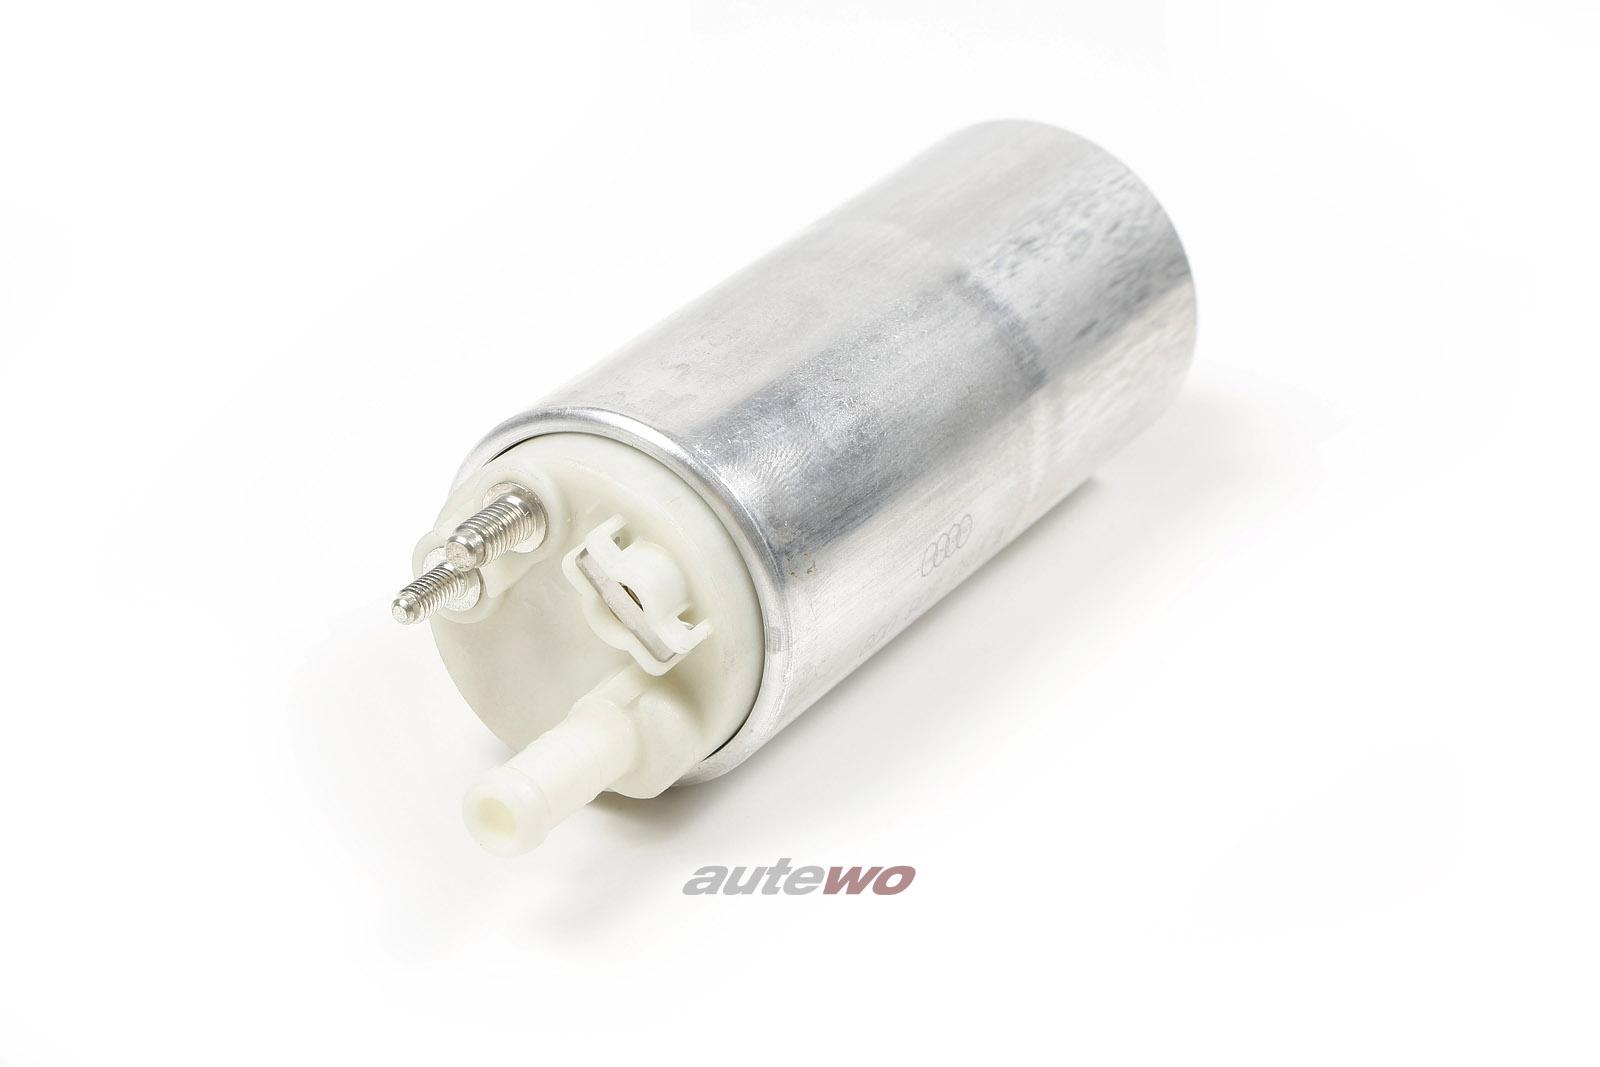 8d0906089 8d0906091a neu original audi a4 b5 1 6 2 8l kraftstoffpumpe